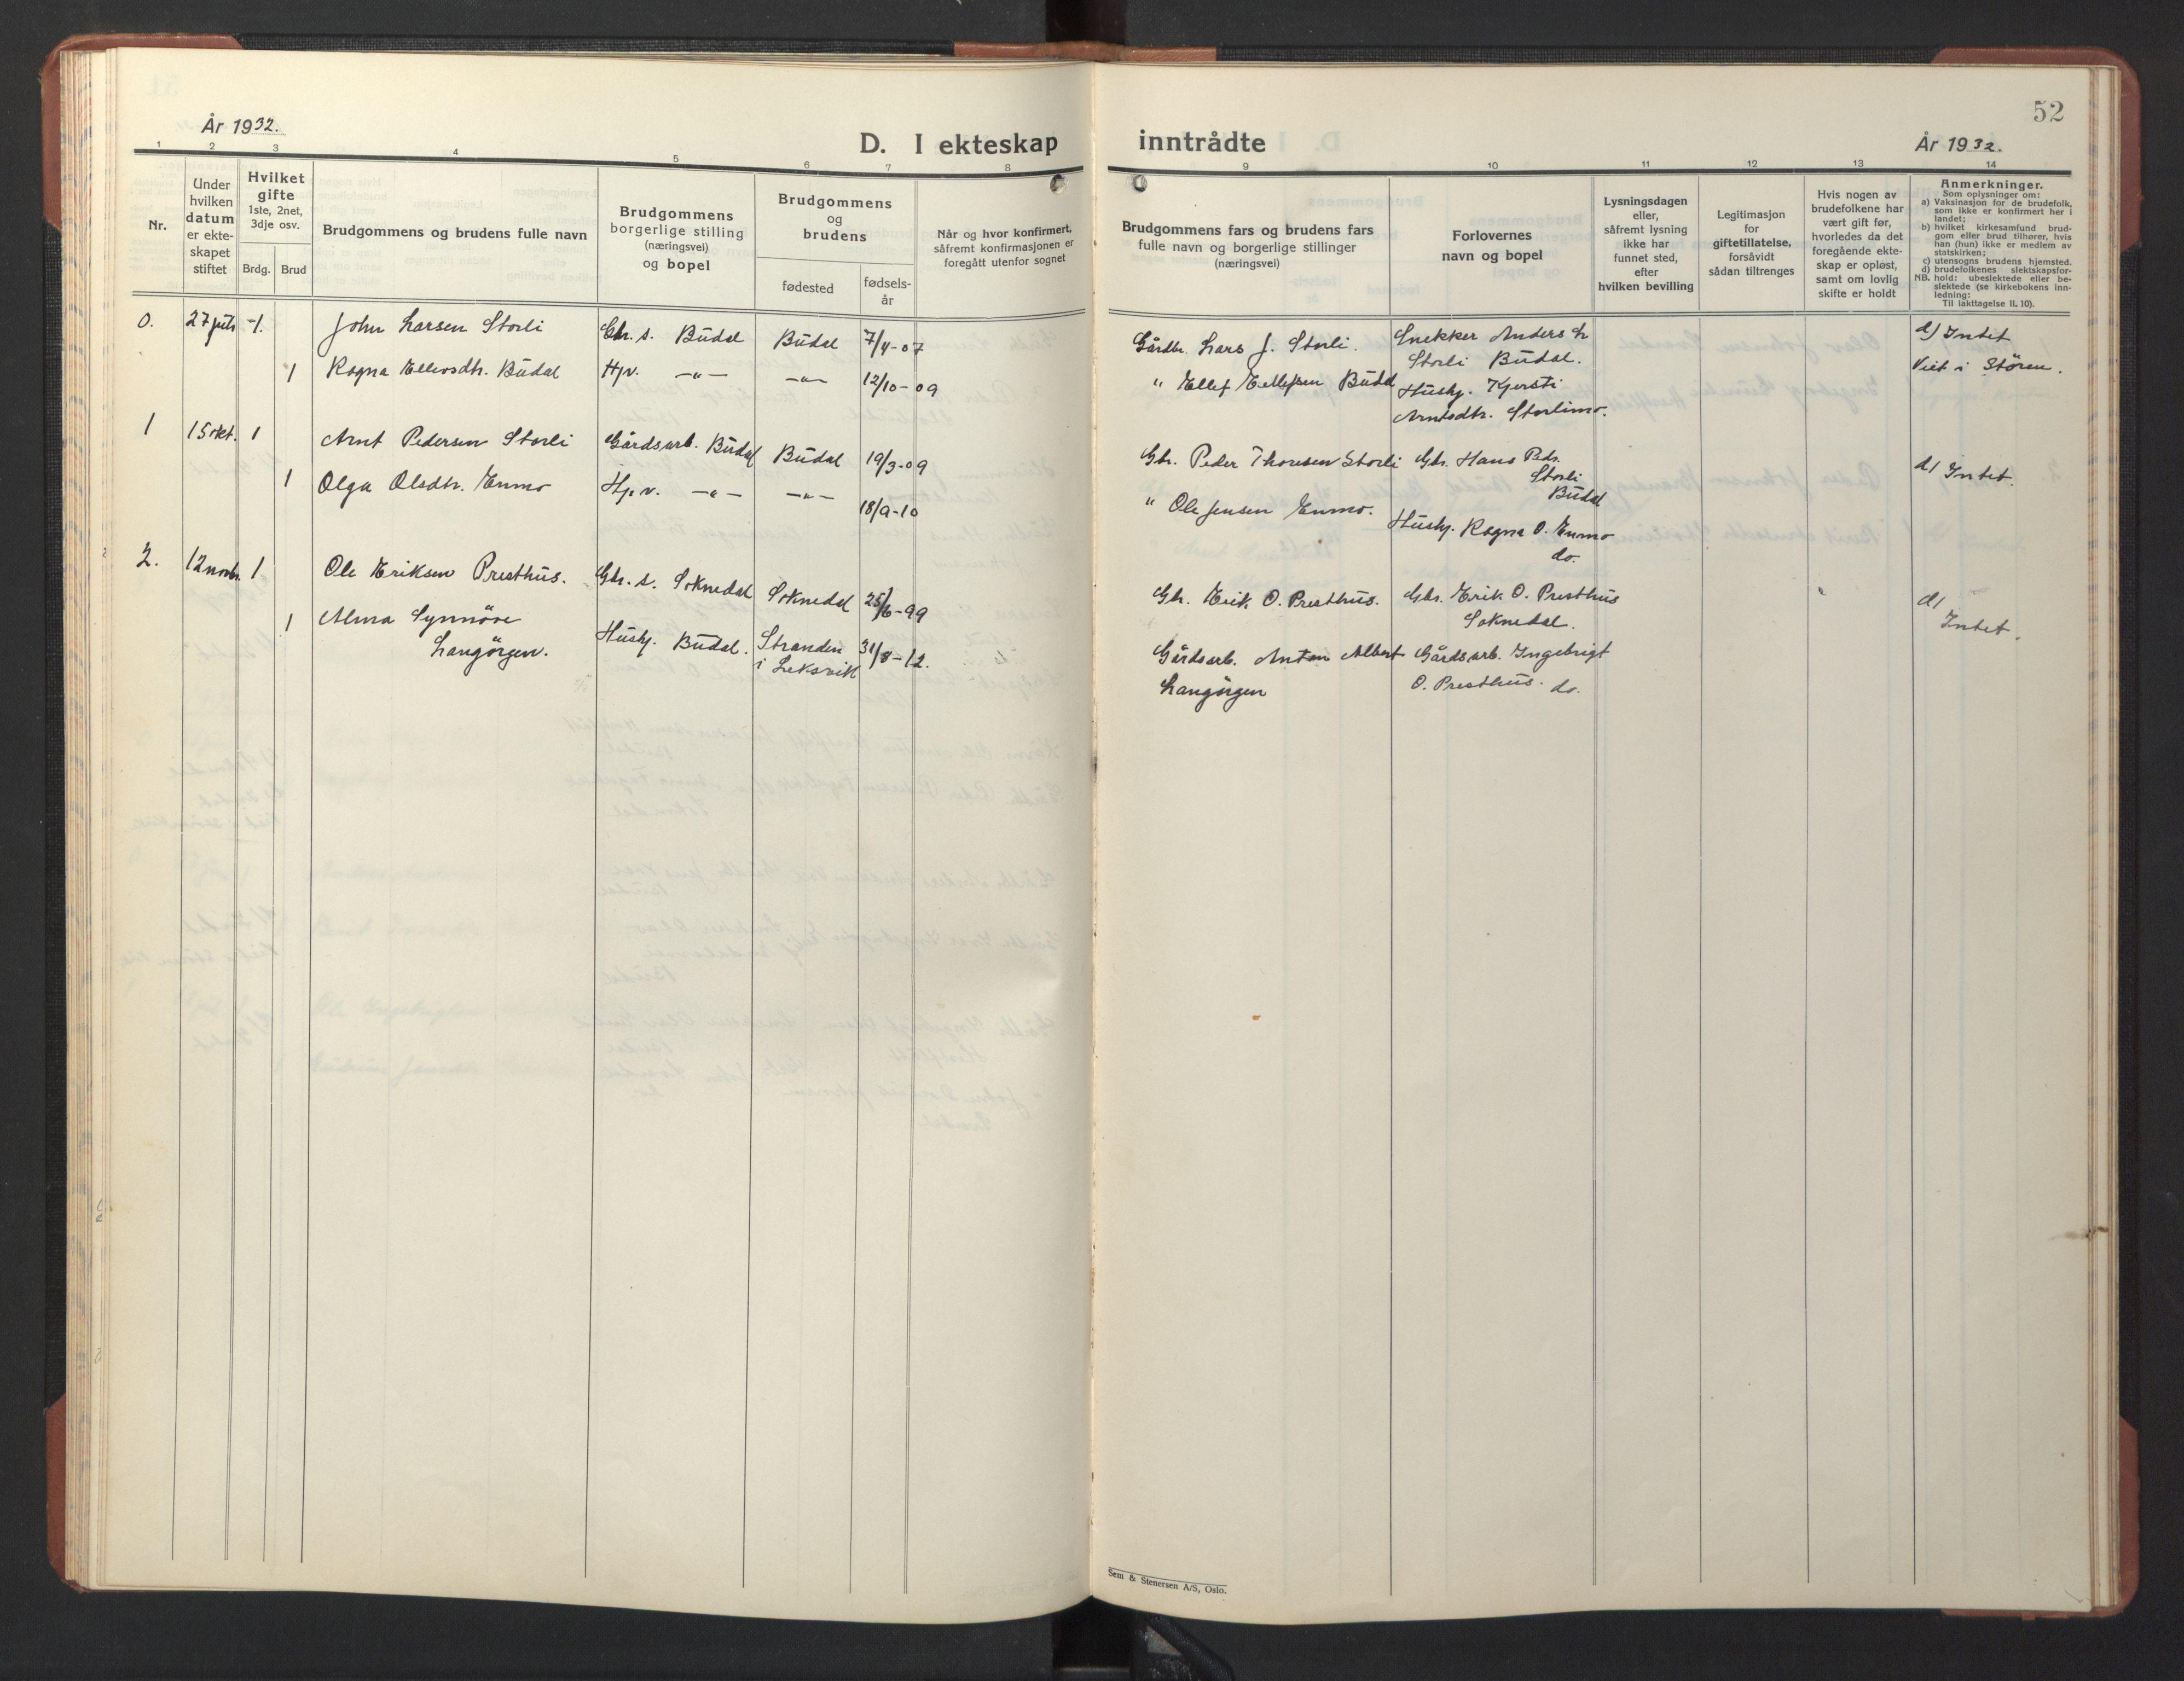 SAT, Ministerialprotokoller, klokkerbøker og fødselsregistre - Sør-Trøndelag, 690/L1053: Klokkerbok nr. 690C03, 1930-1947, s. 52